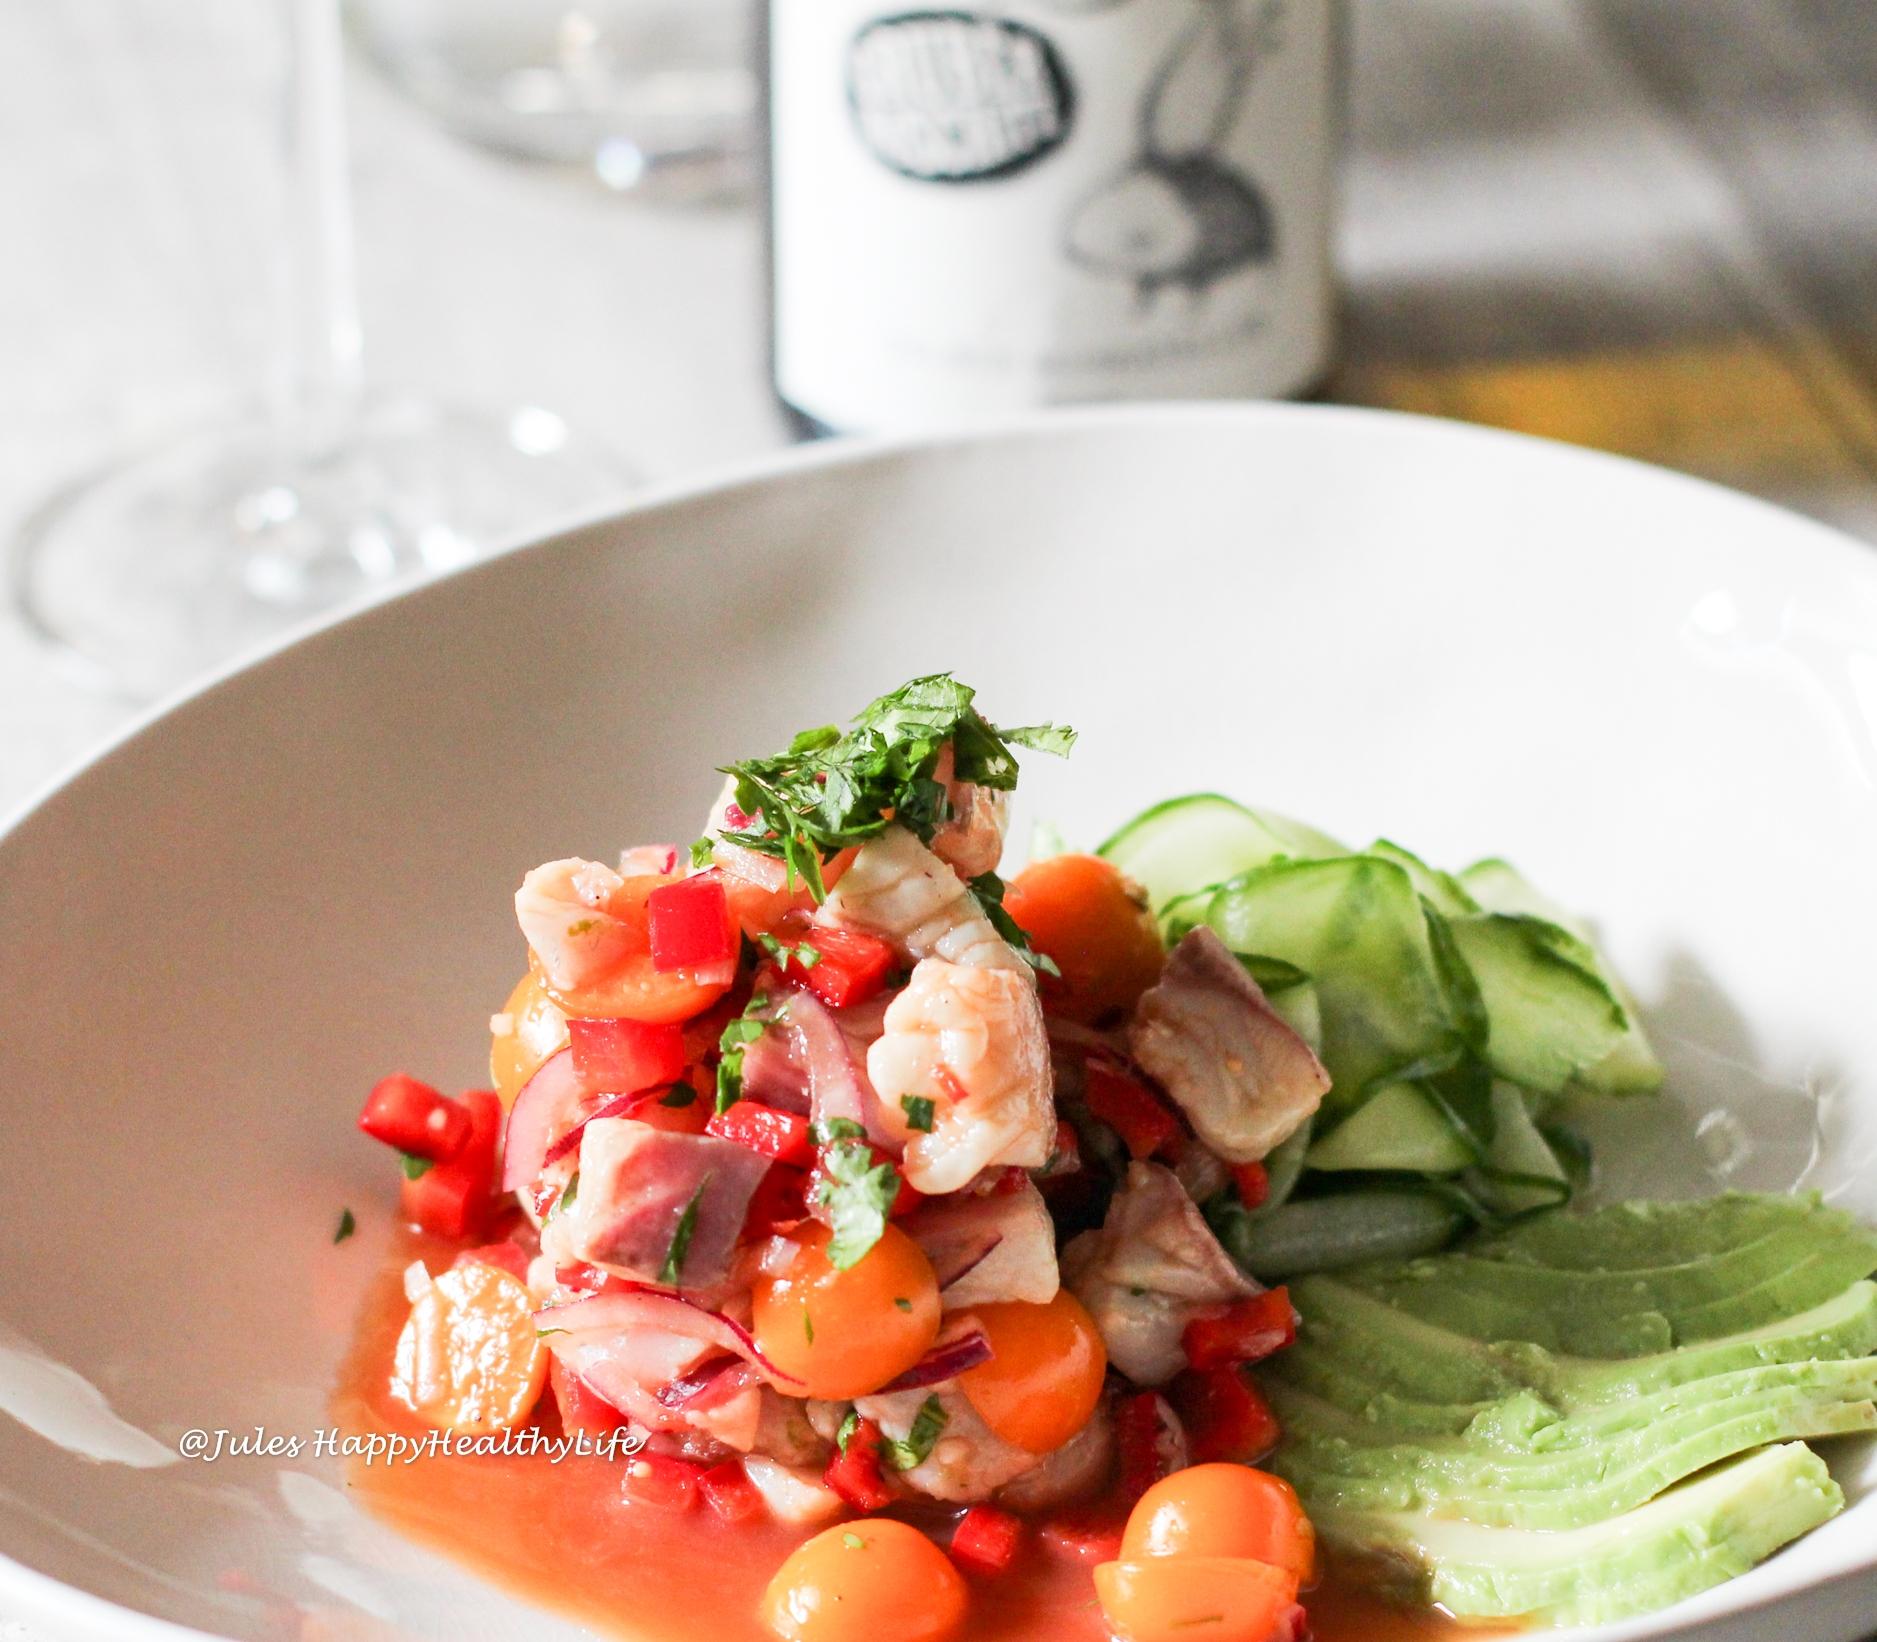 Ceviche von der Dorade und Physalis mit Gleber Muskateller von Gruber Röschitz als Weinbegleitung ist ein leichtes Sommergericht